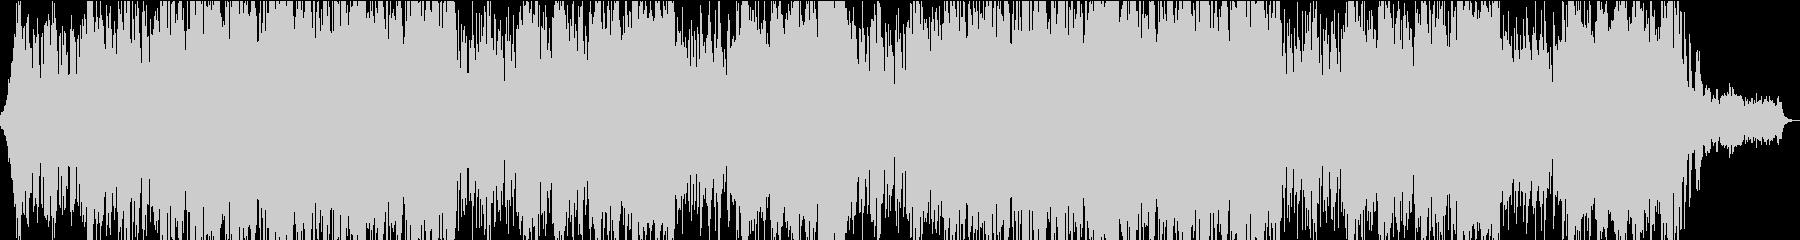 大河ドラマ風のオーケストラBGMの未再生の波形